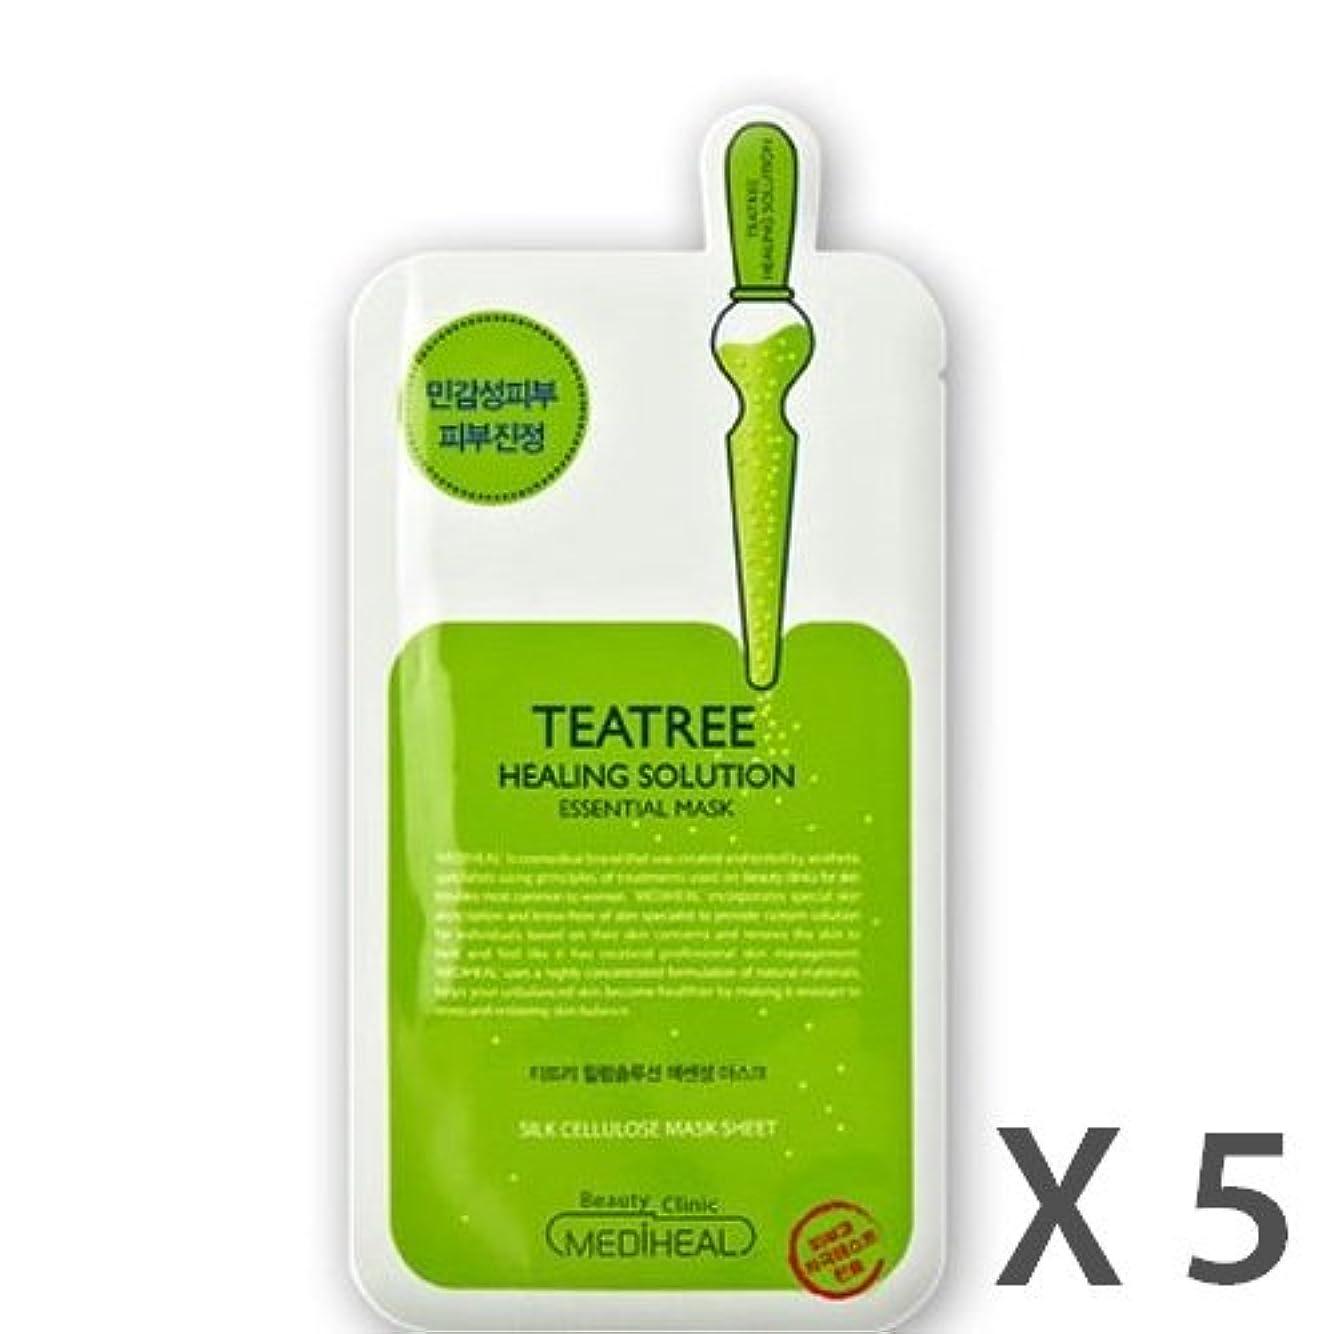 巨大な前件わかるMEDIHEAL Tea Tree Healing Solution Essential Mask 5ea /メディヒール ティー ツリー ヒーリングソリューションエッセンシャルマスク 5ea [並行輸入品]